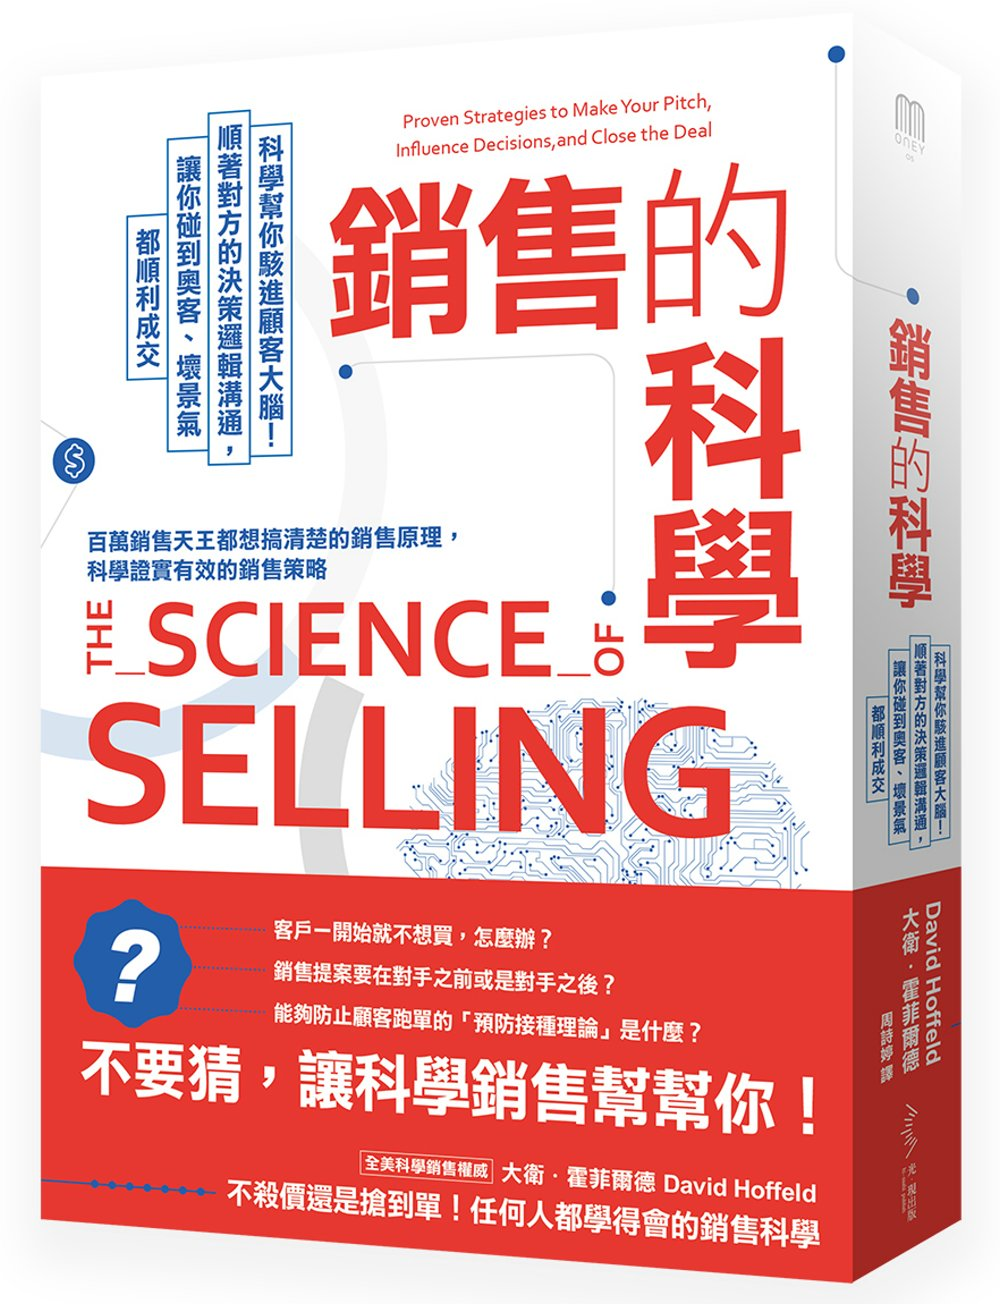 銷售的科學:科學幫你駭進顧客大腦!順著對方的決策邏輯溝通,讓你碰到奧客、壞景氣都順利成交